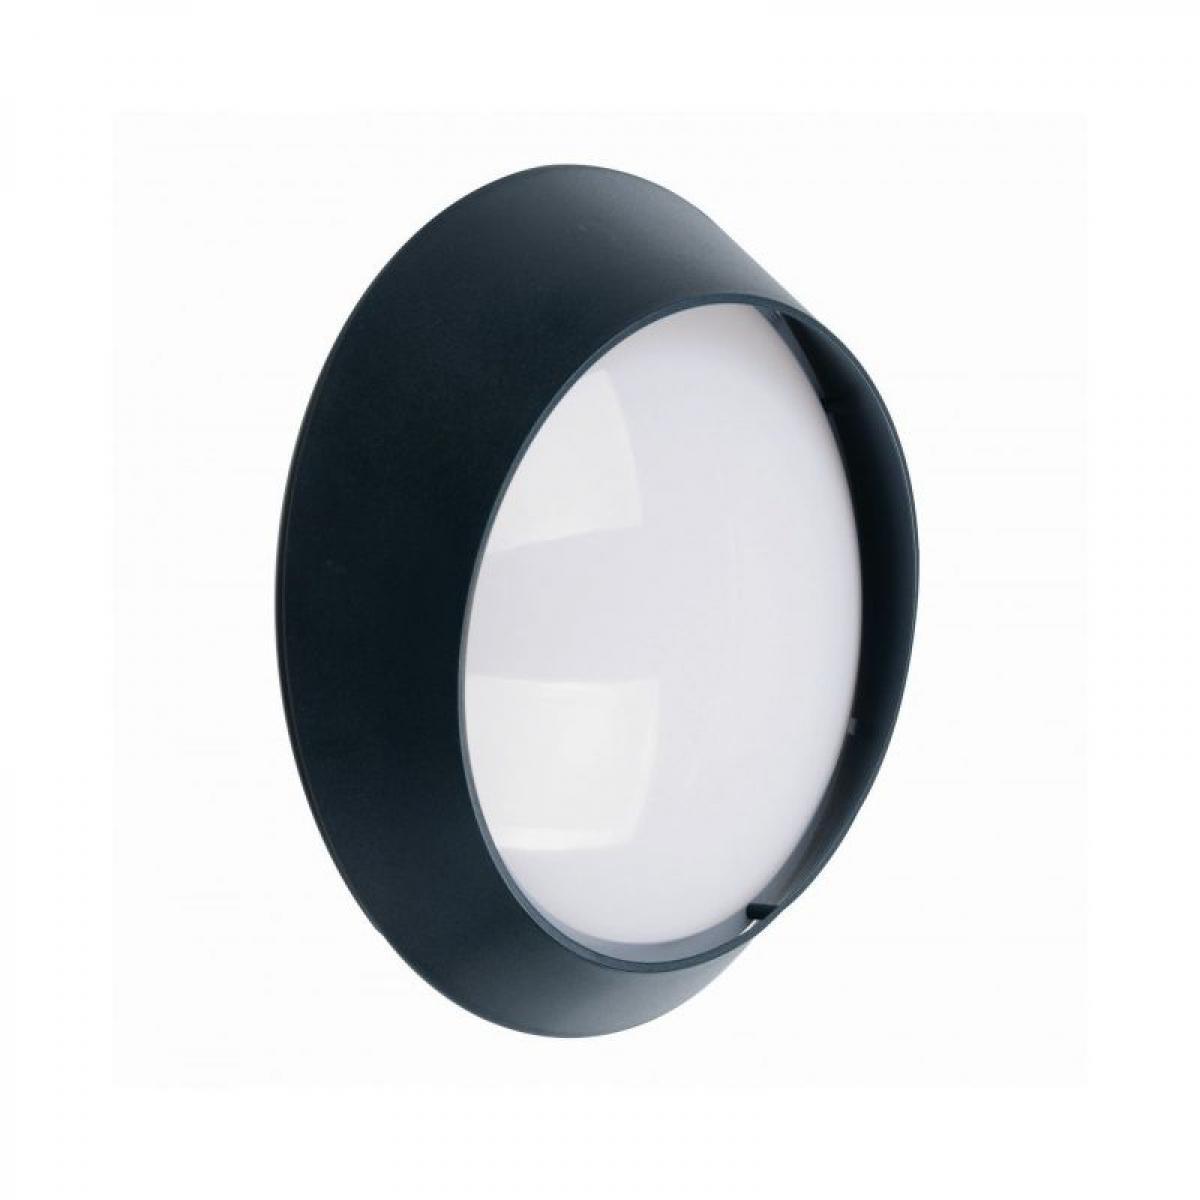 Paris Prix Plafonnier Extérieur LED Bea 25cm Anthracite